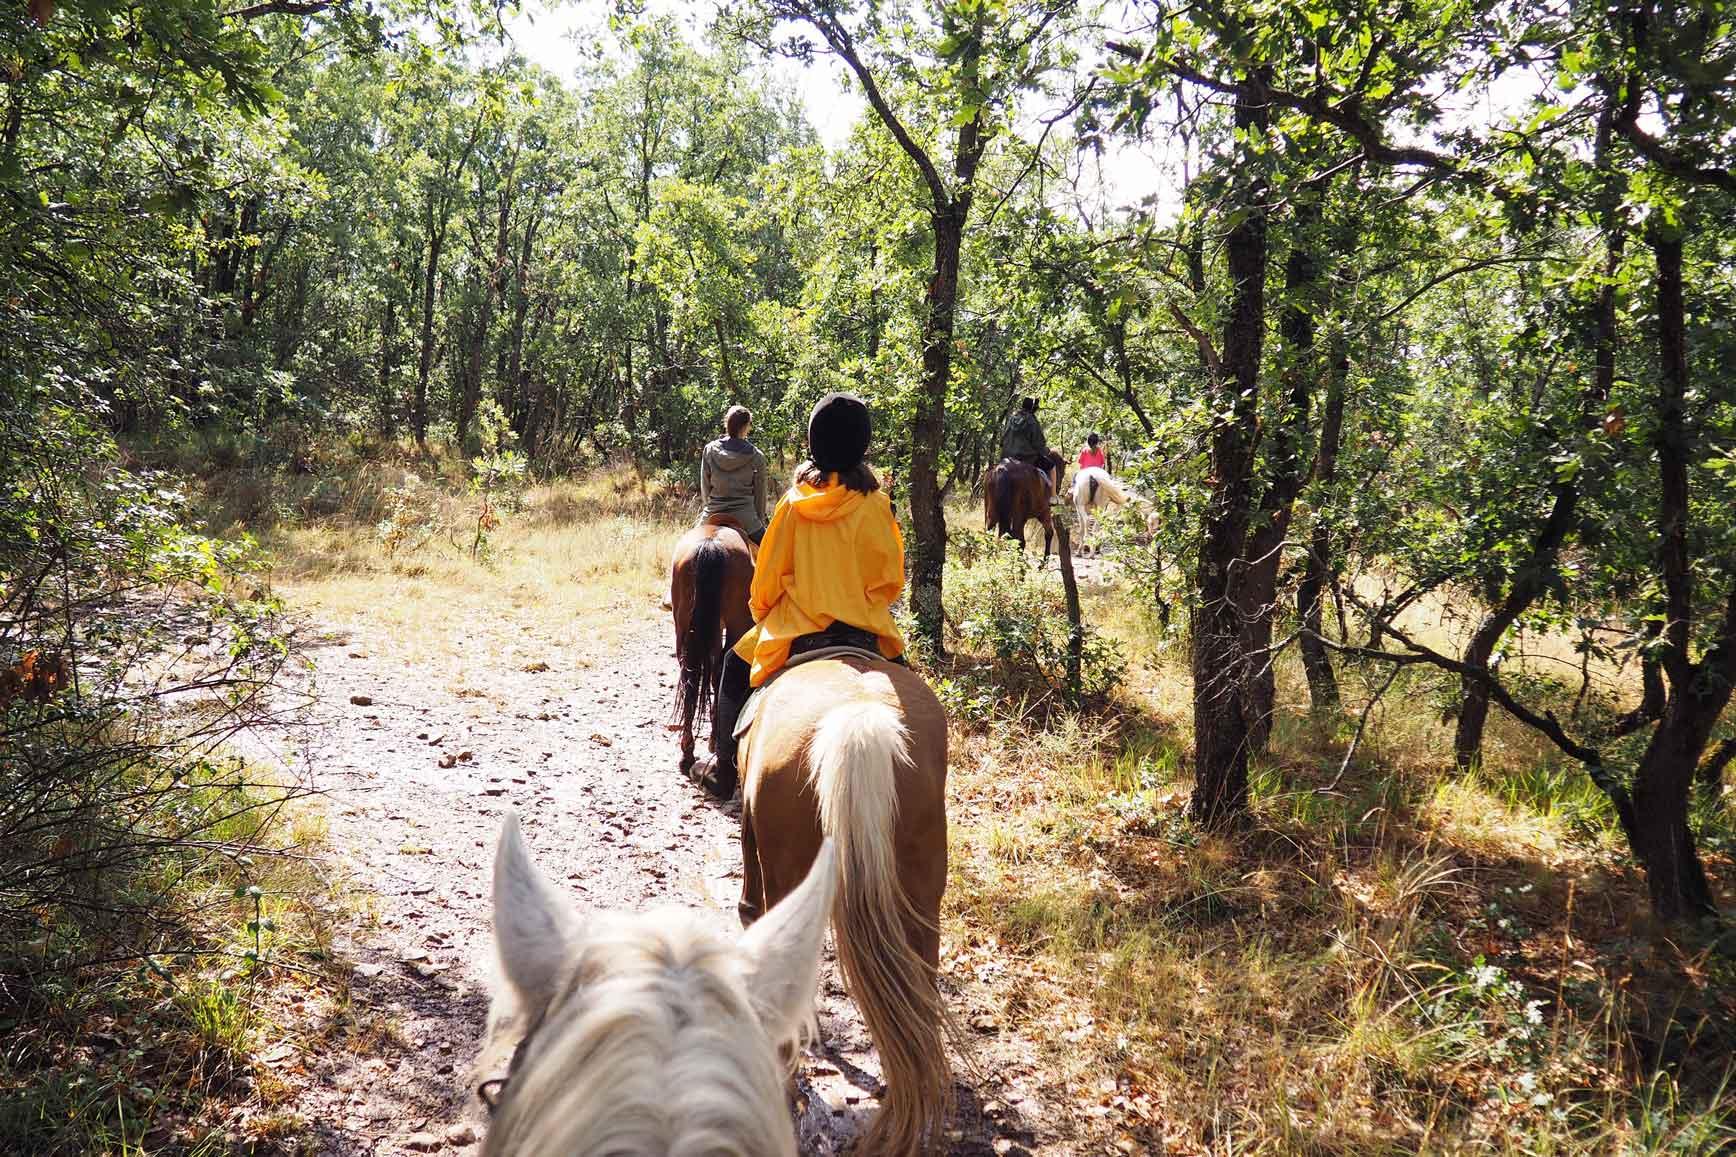 Ruta a Caballo - Caballos La Vereda_claraBmartin_55